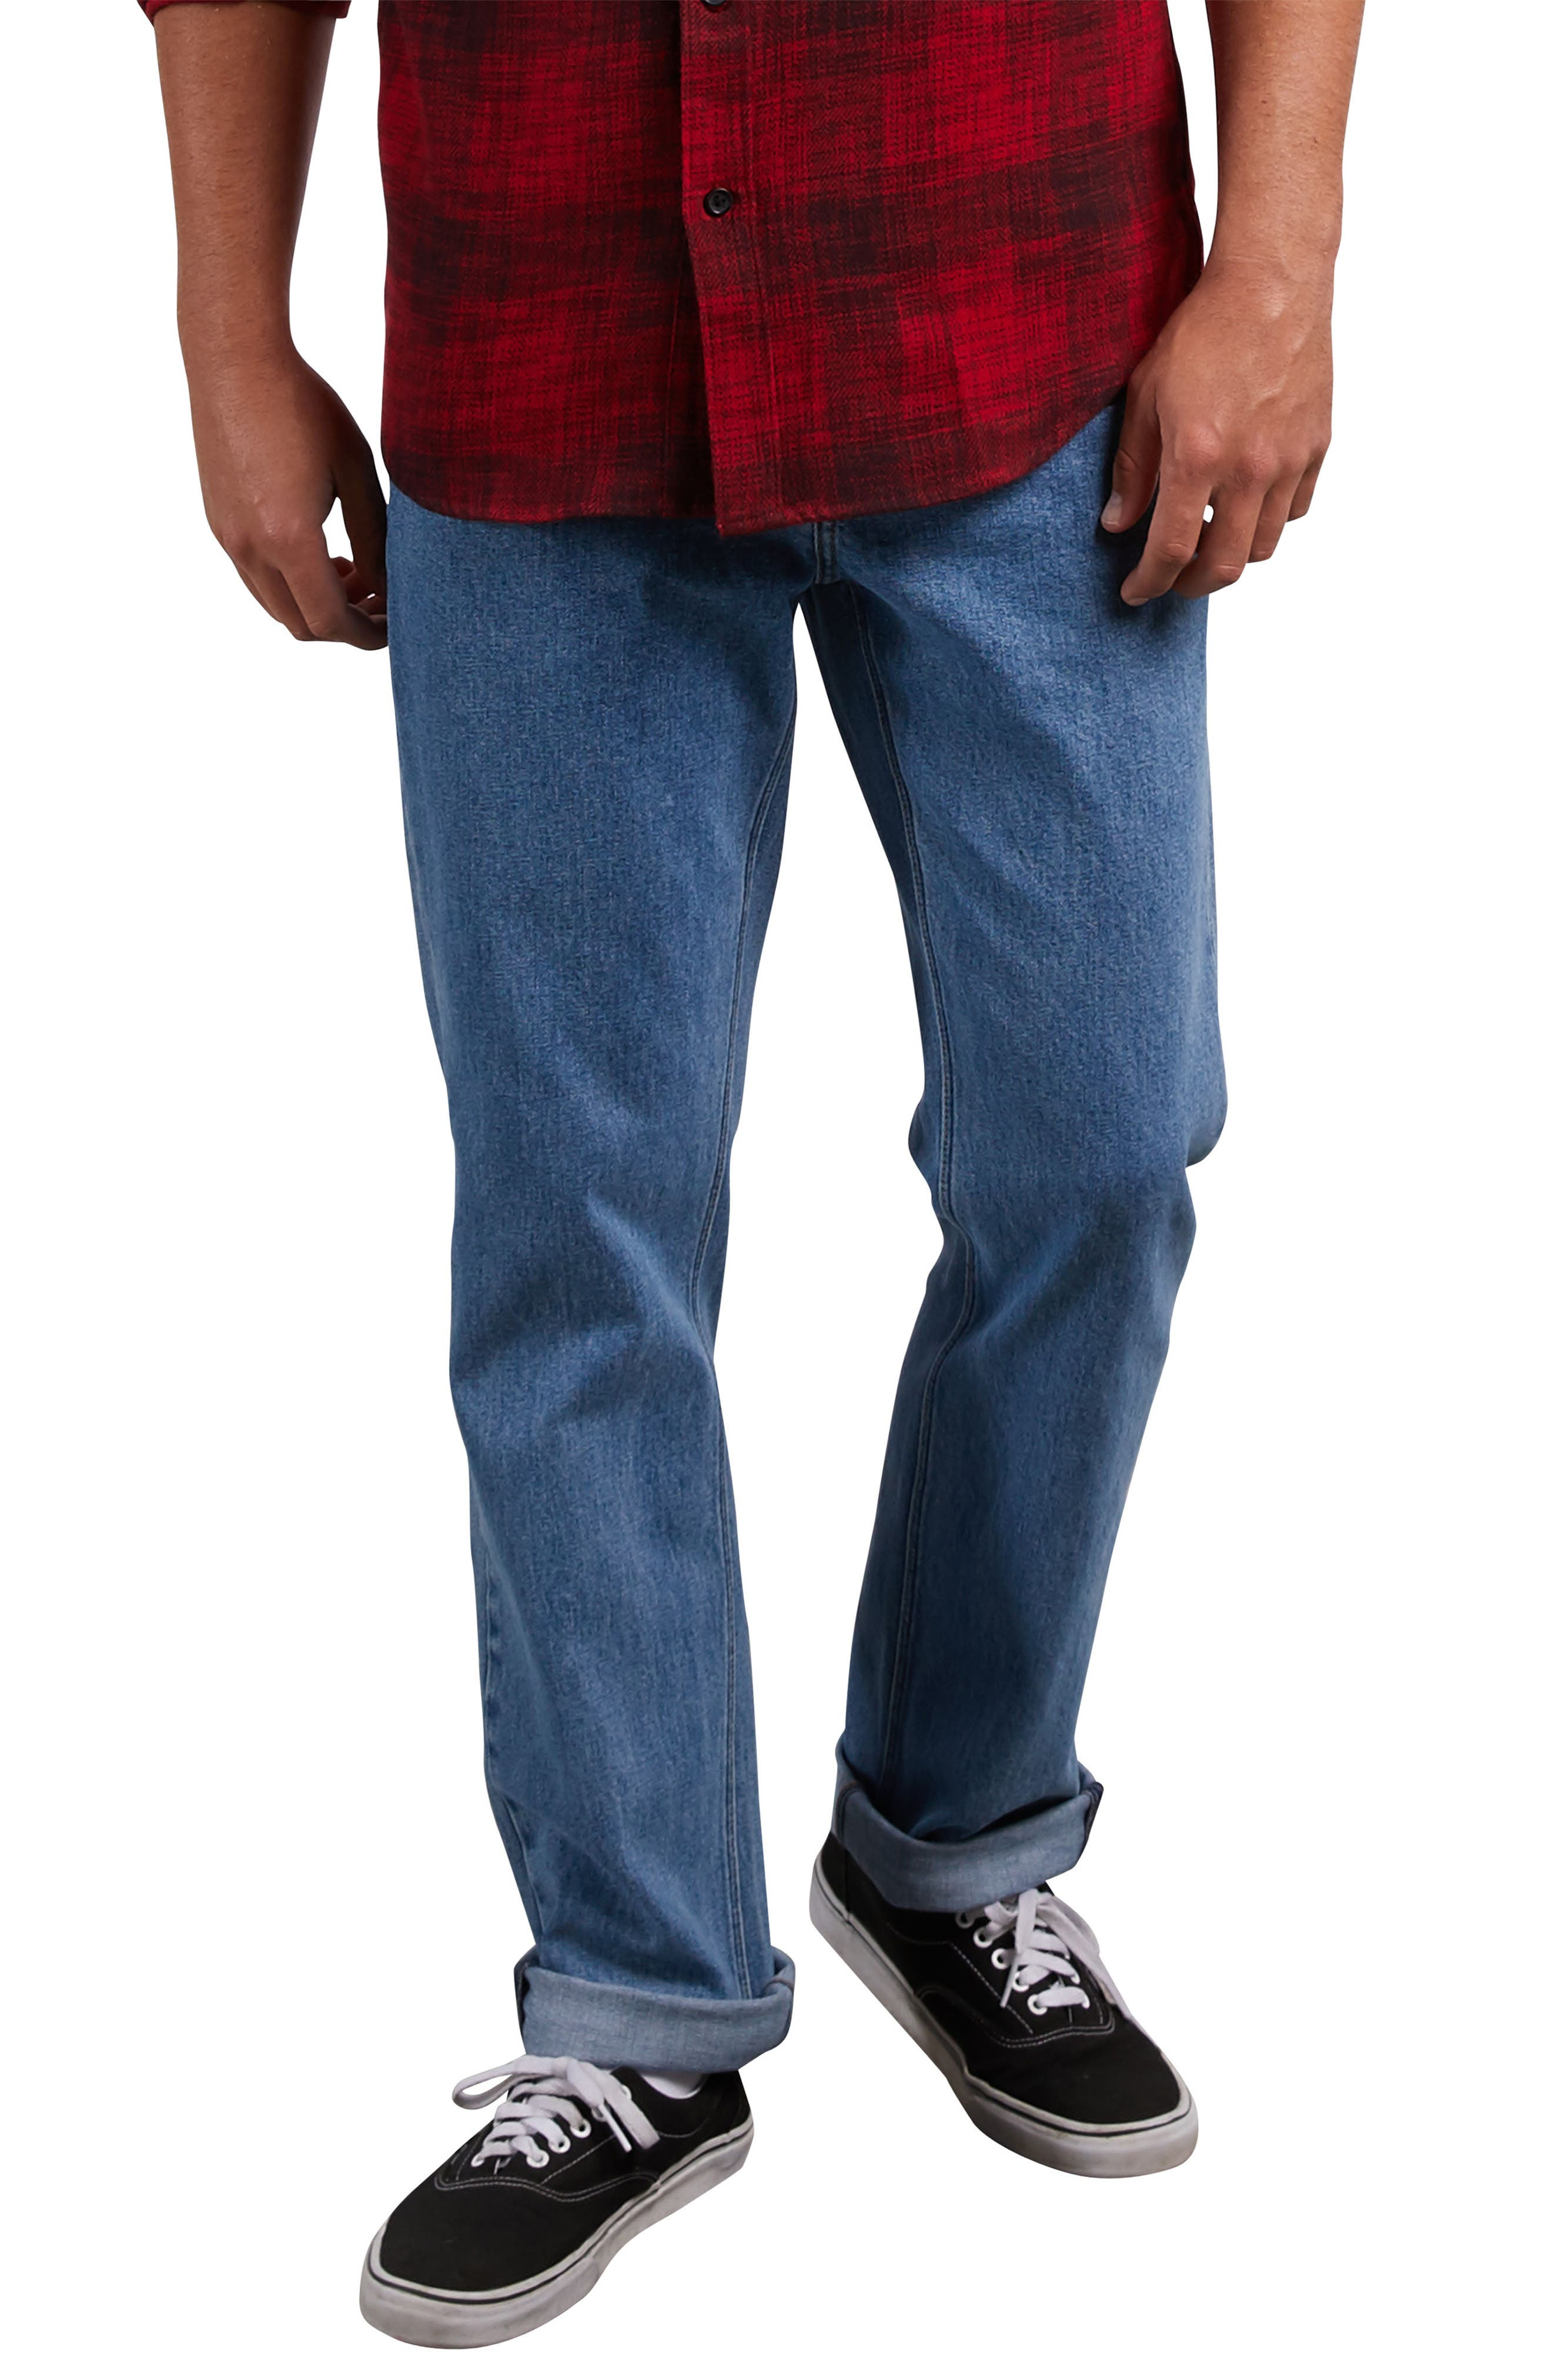 Solver Denim Pants,                             Main thumbnail 4, color,